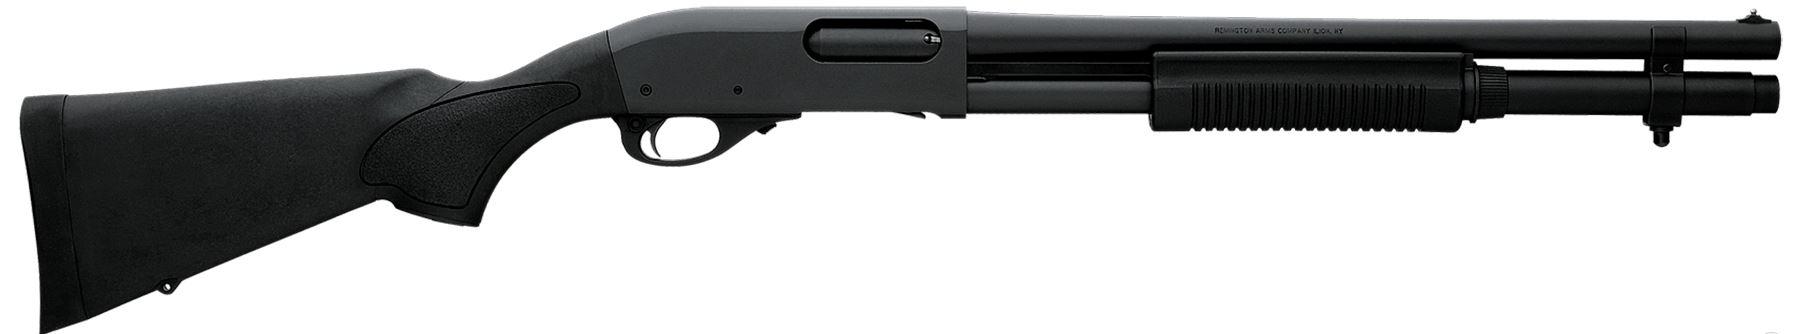 Remington Firearms 25077 870 Express Tactical 12 Gauge 18.50